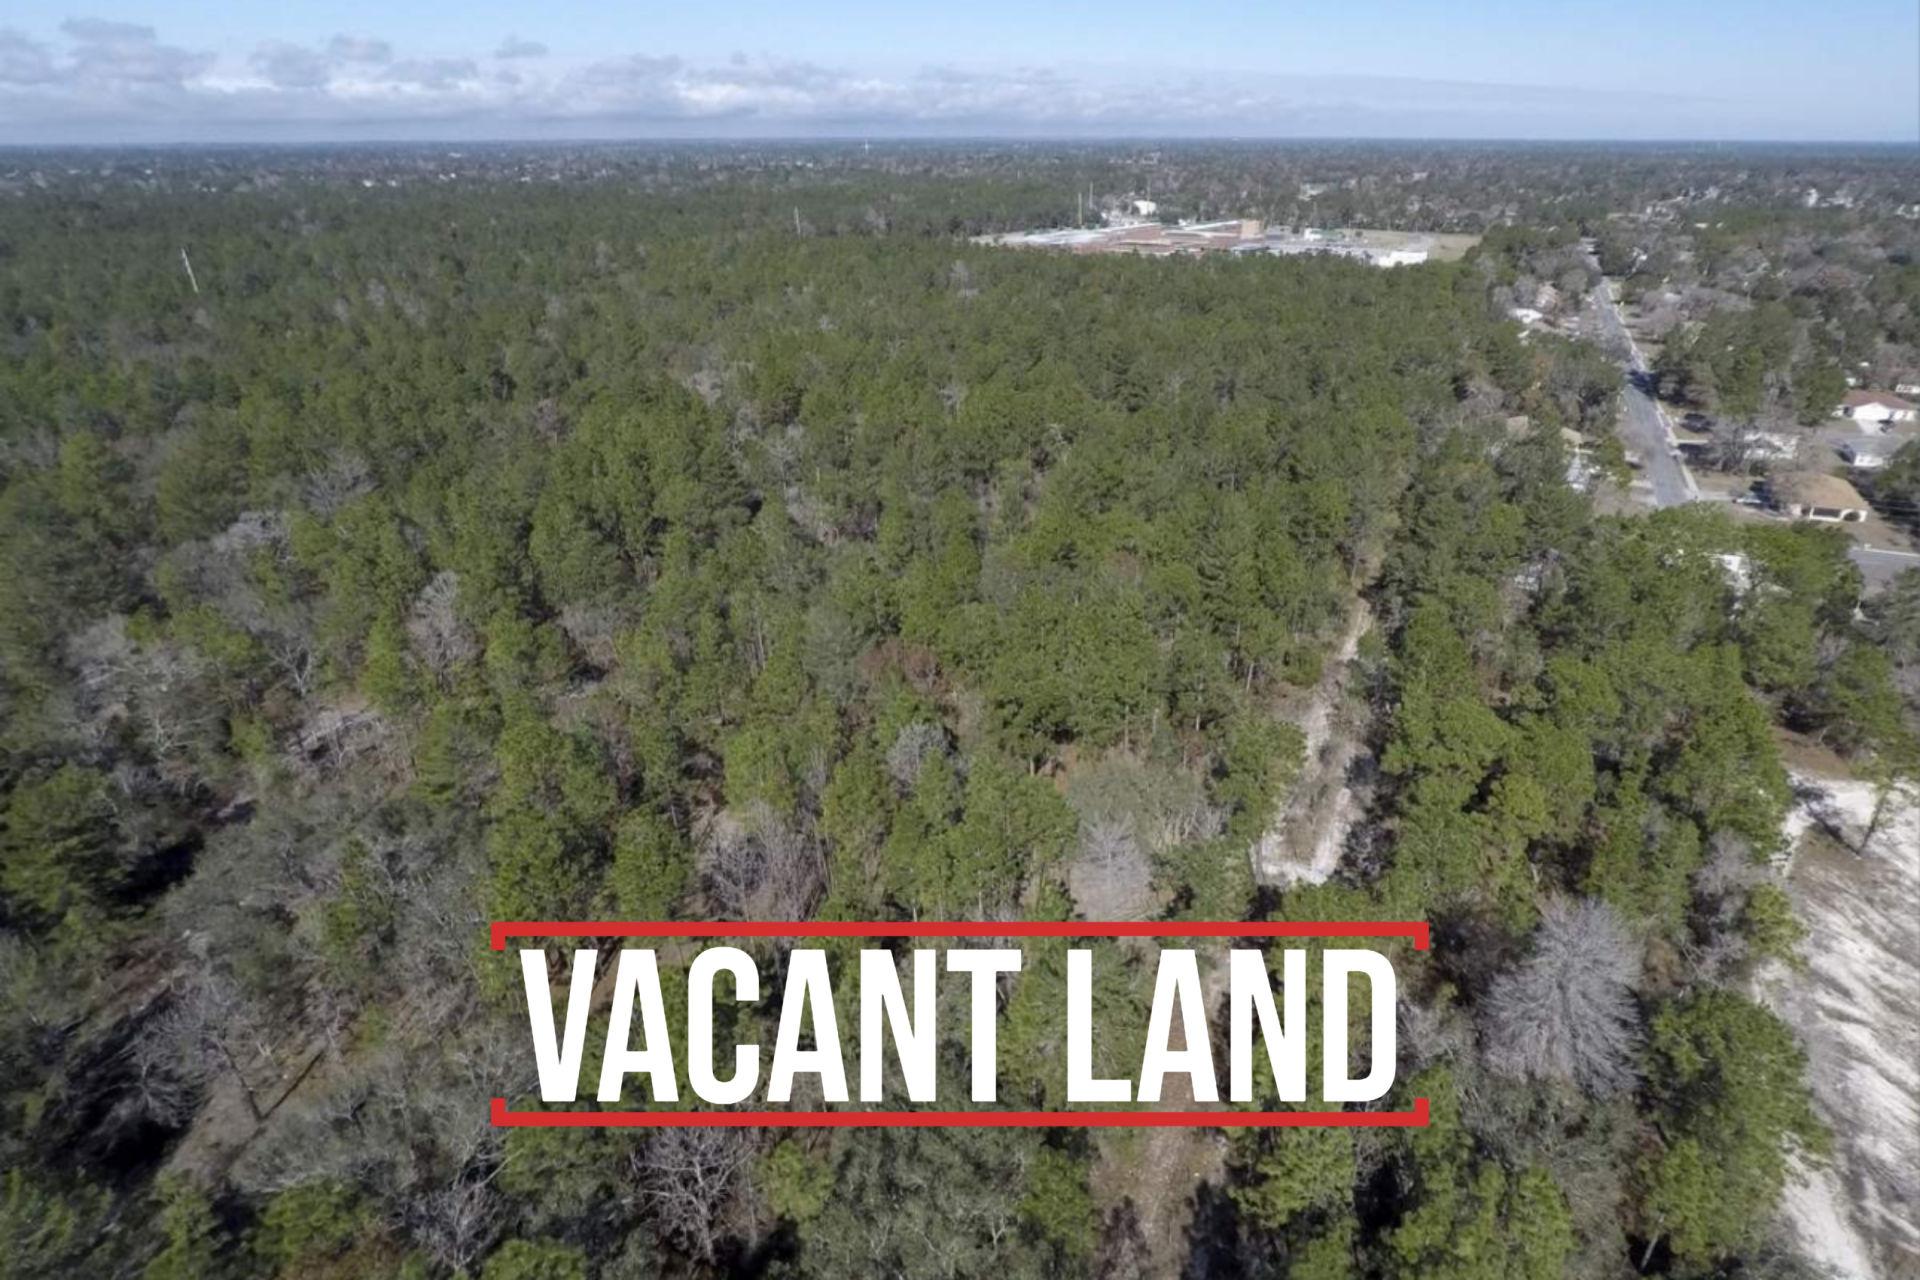 Unimproved Land For Sale – Lakeland